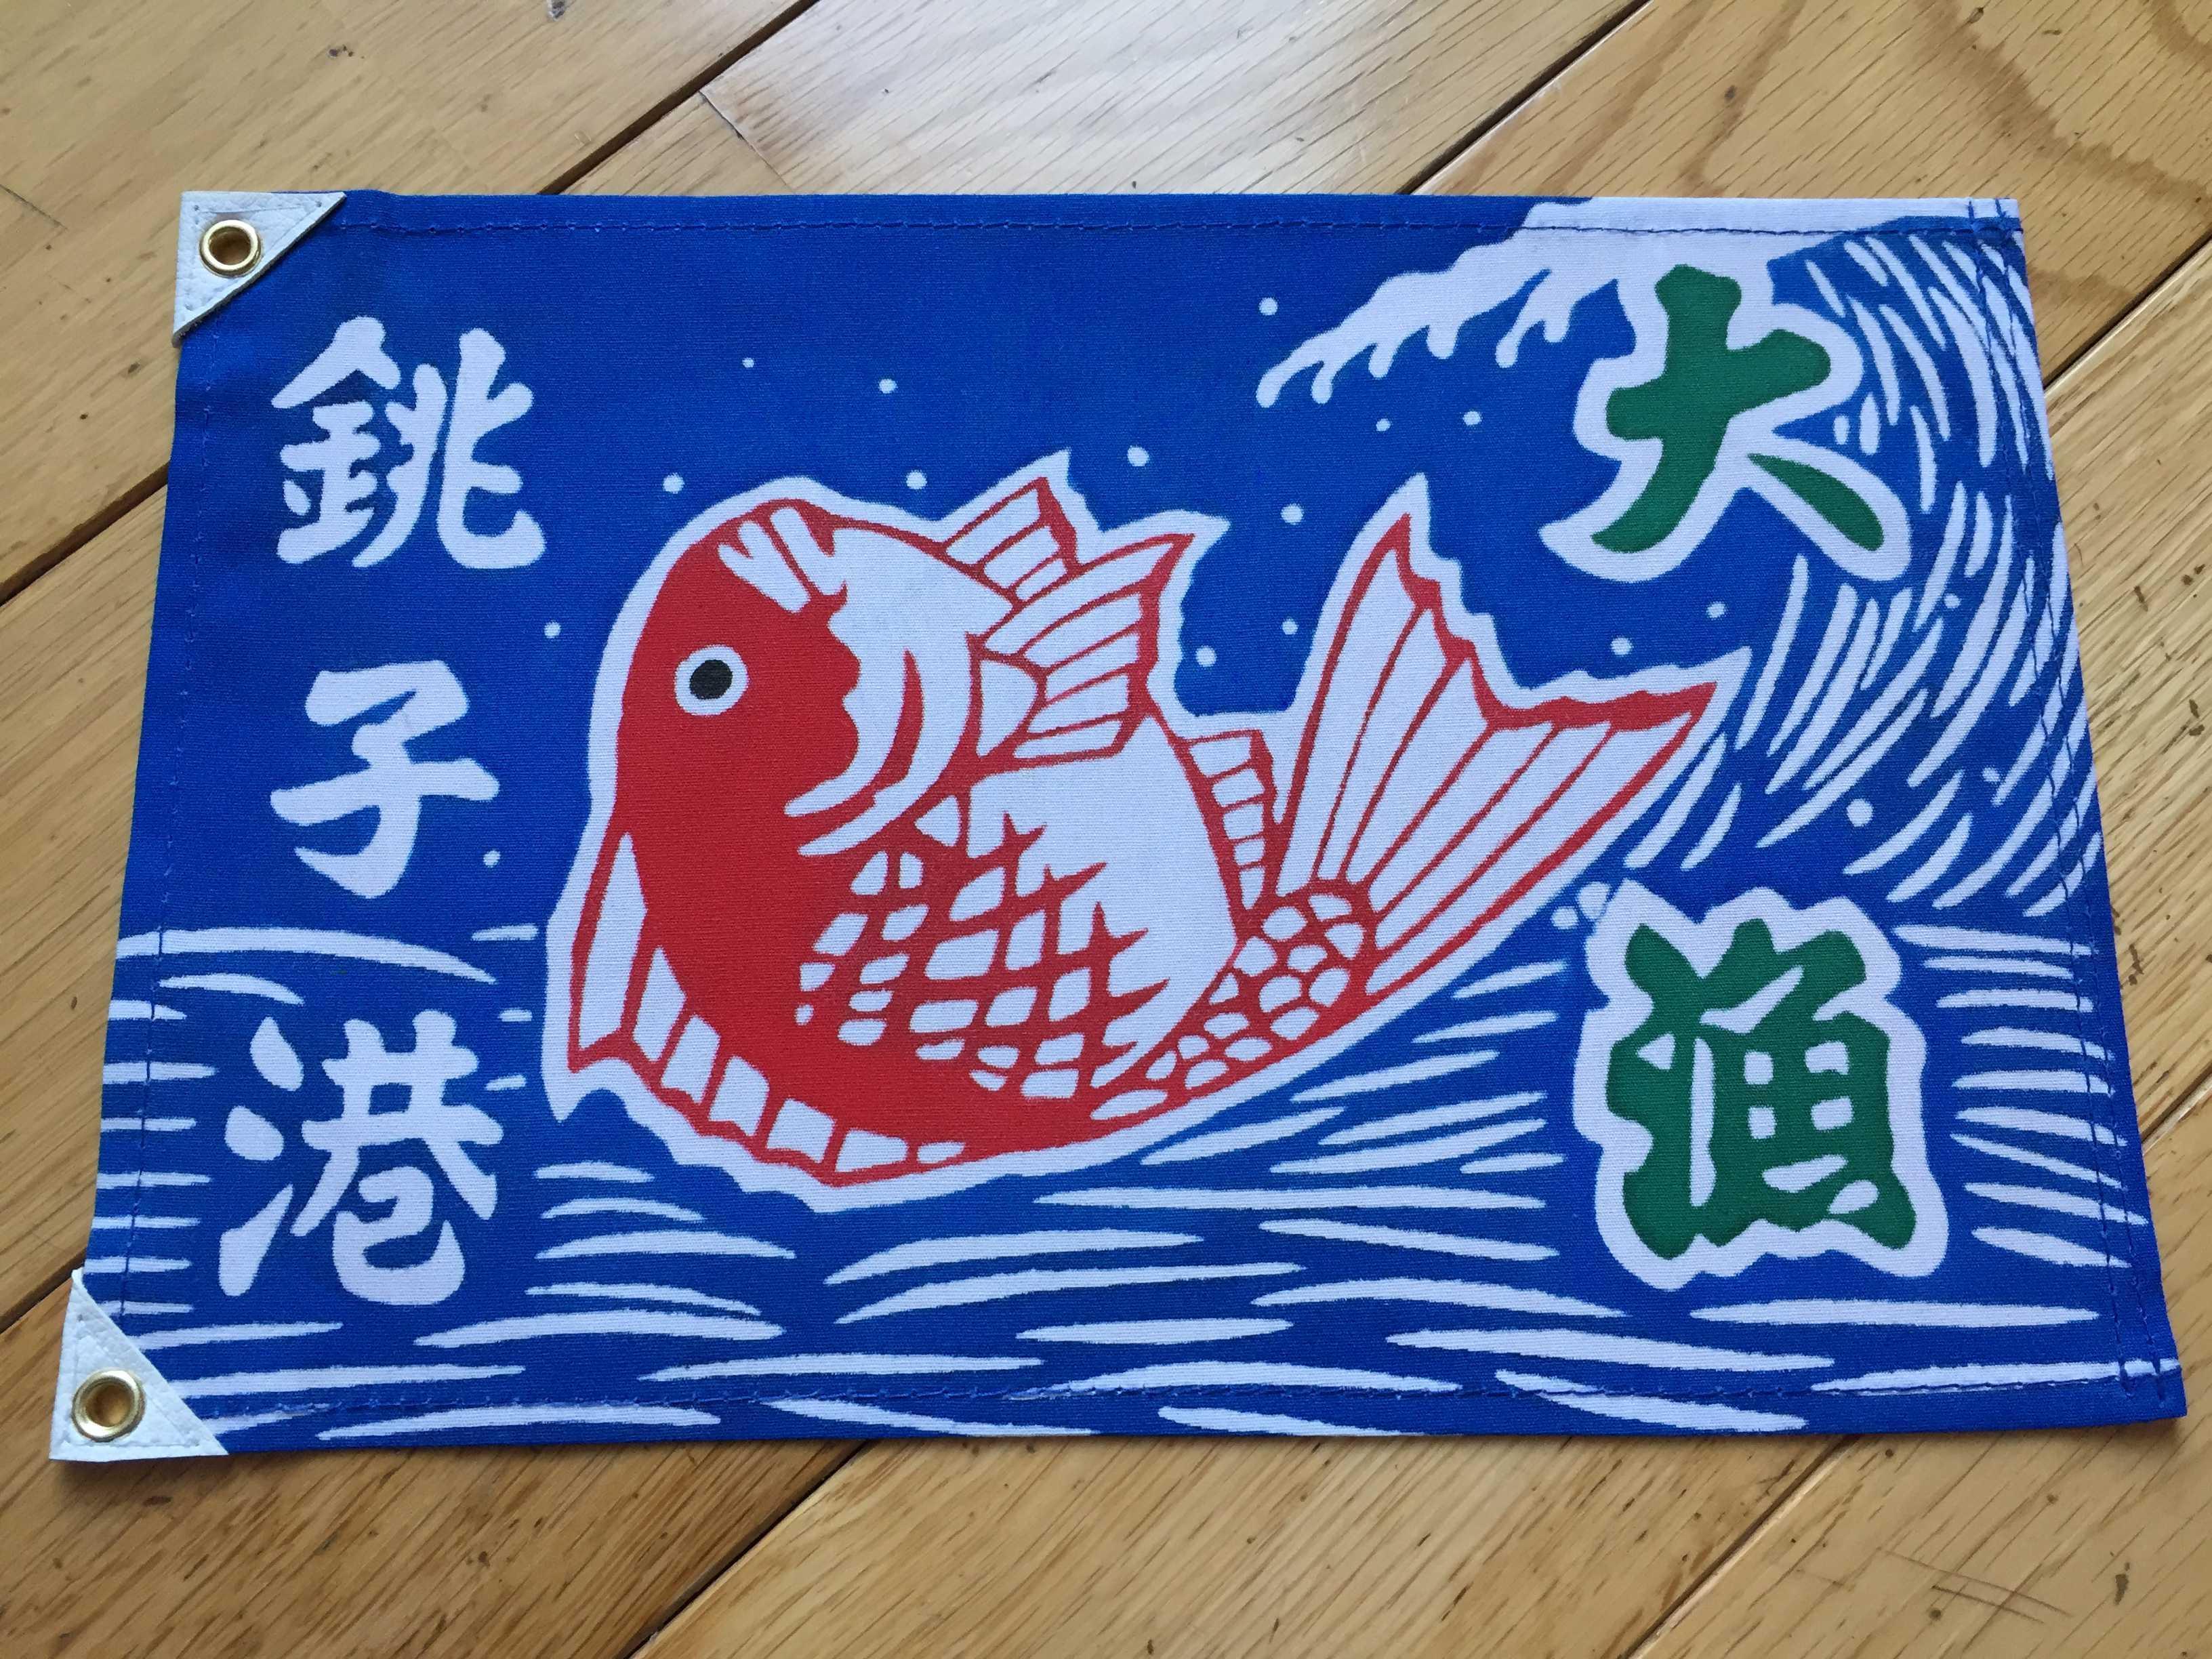 大漁 銚子港と書かれた青地の大漁旗